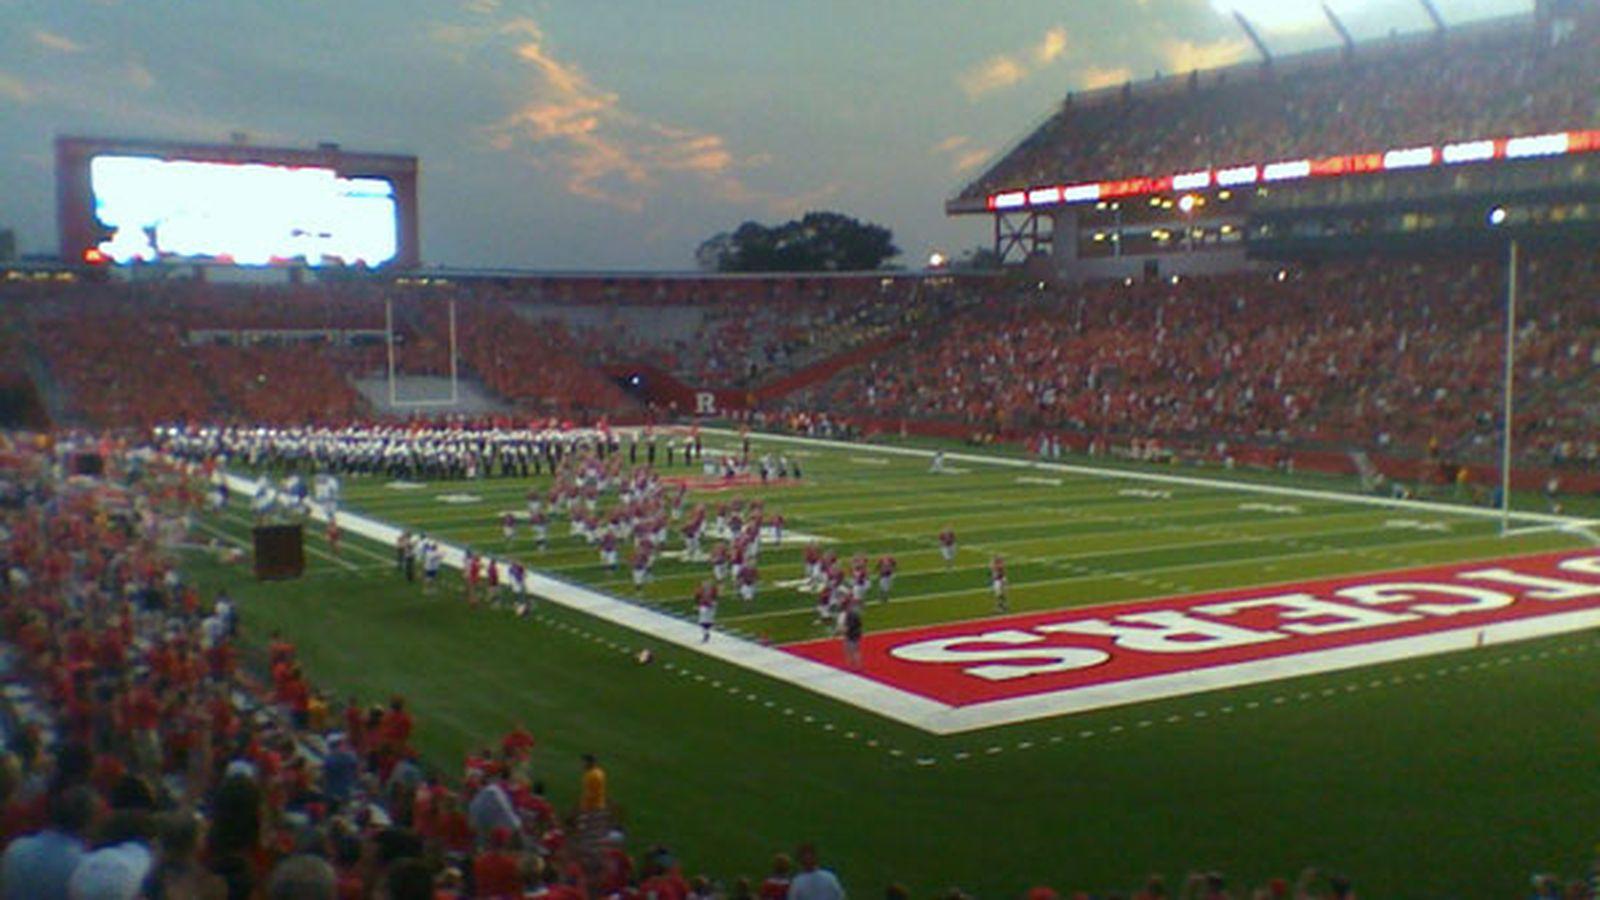 Field.0